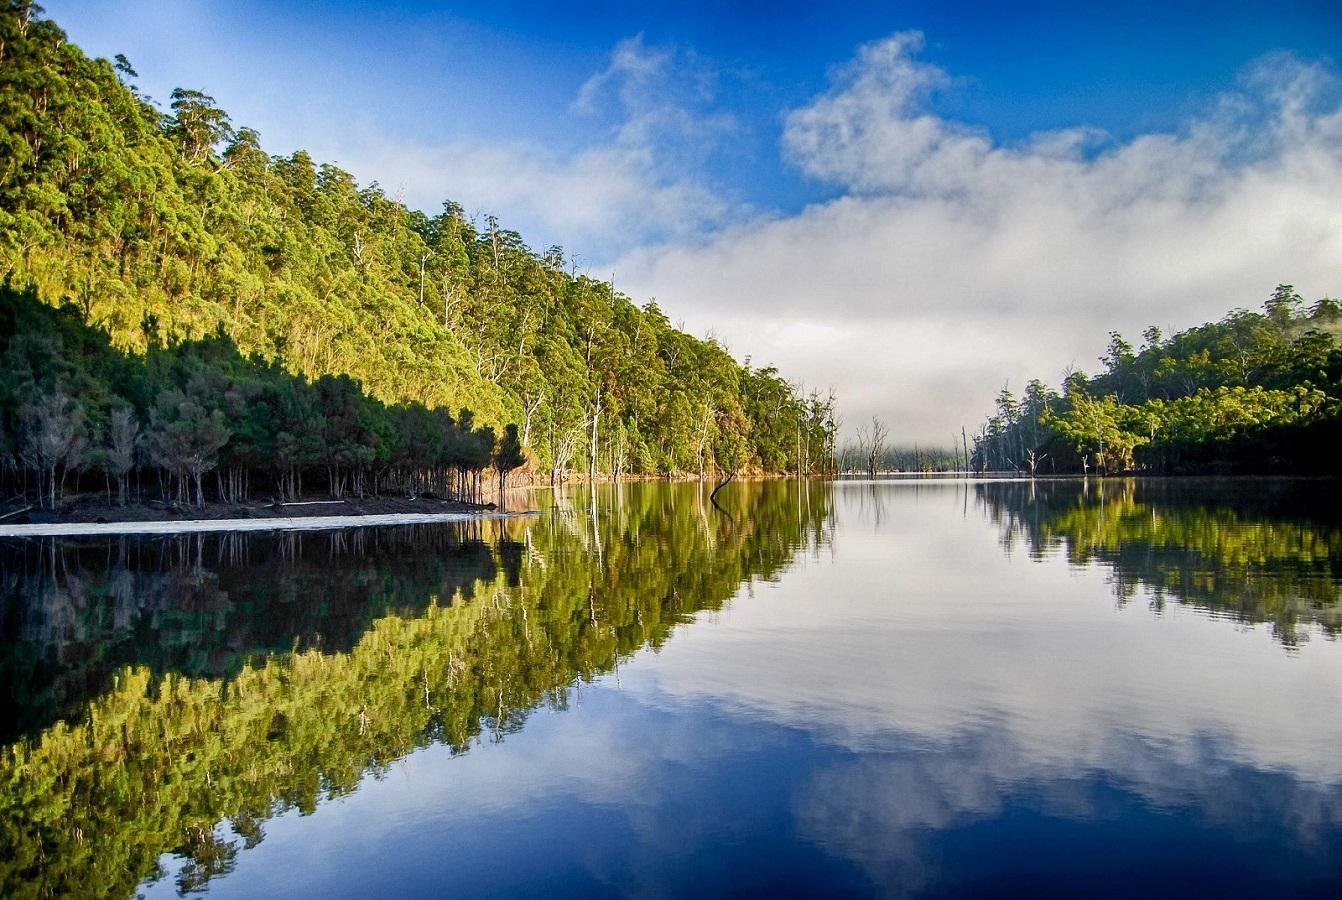 Lake Mackintosh